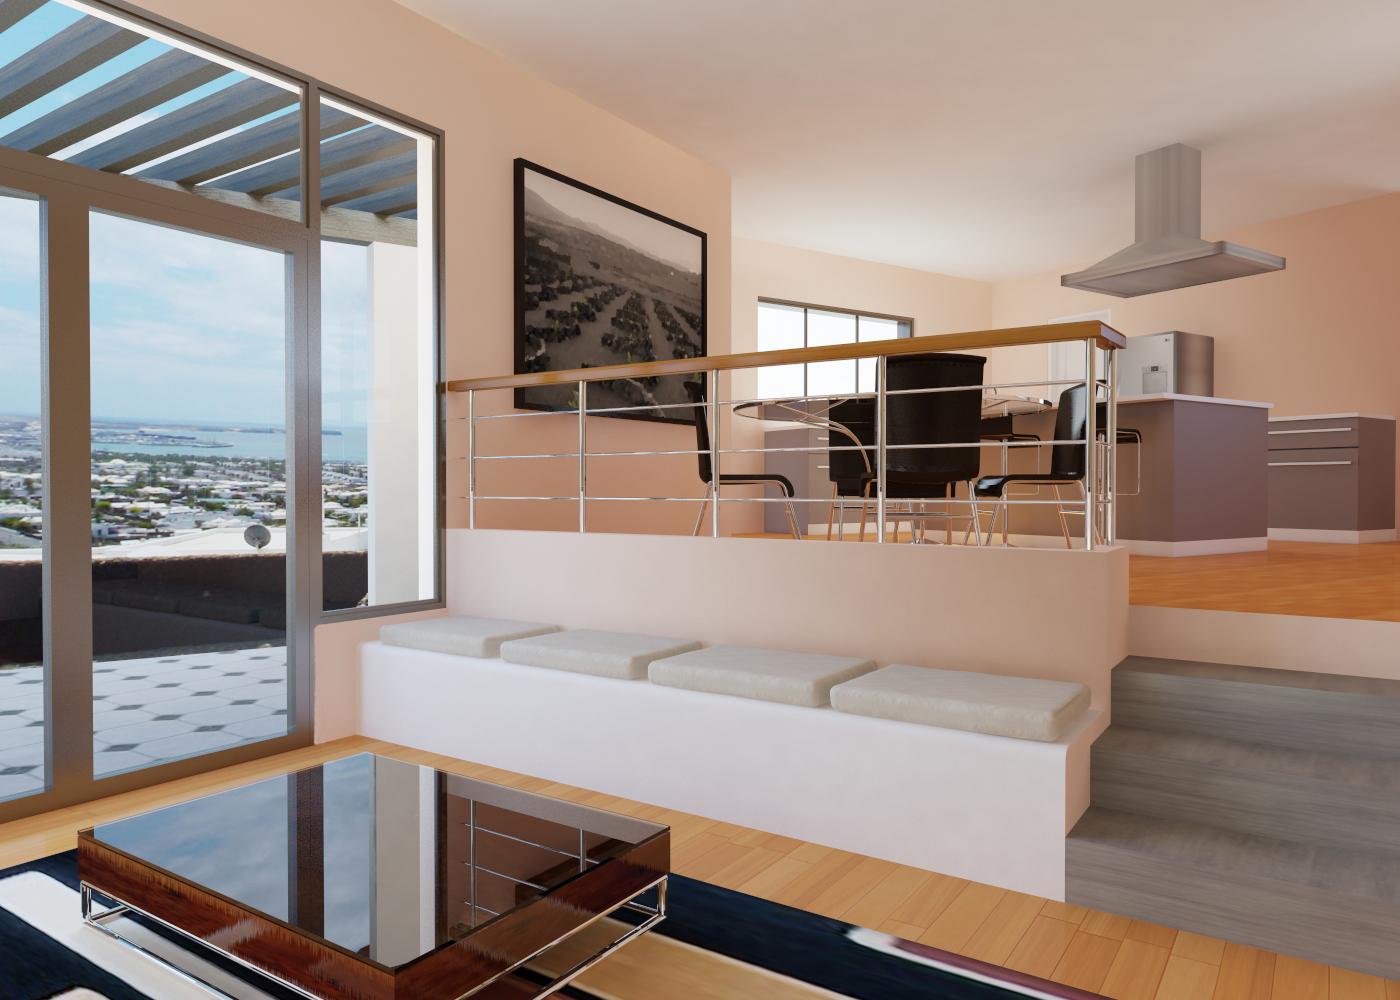 Glginfograf interior de vivienda unifamiliar lanzarote for Vivienda interior